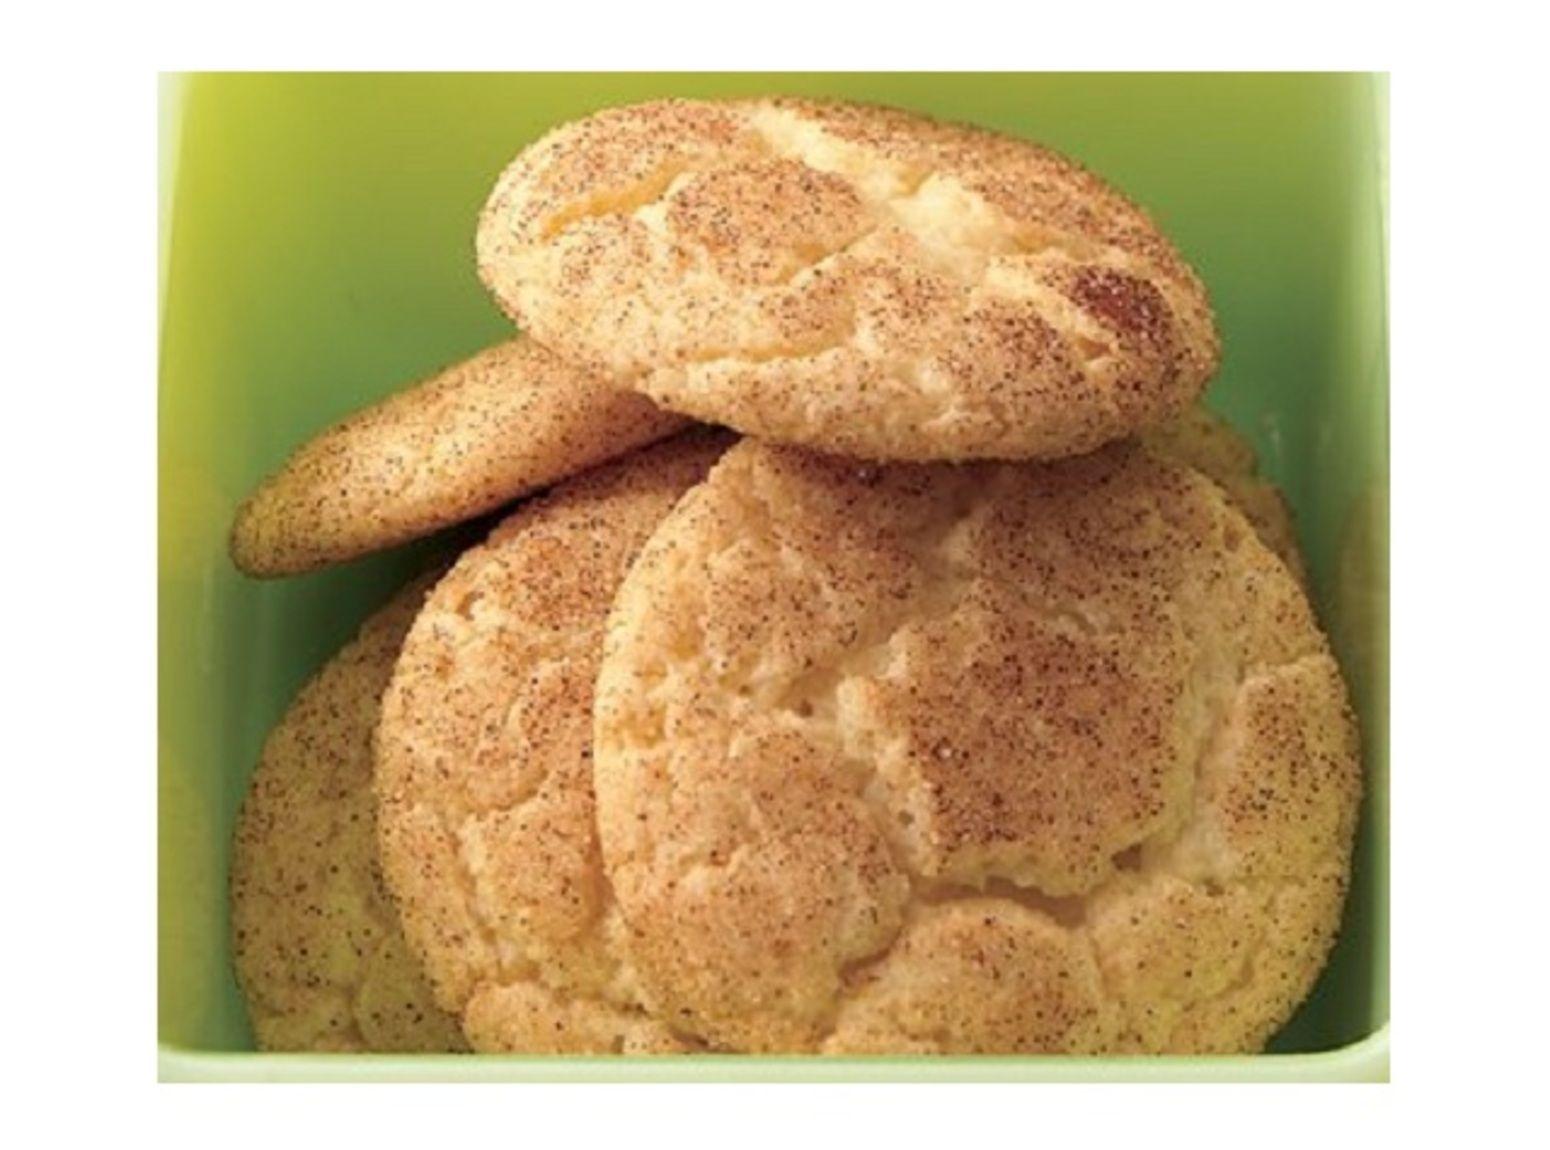 Snickerdoodlecookies Bettycrockercakemix Betty Crocker Cookie Recipe Snickerdoodle Recipe Cake Mix Cookies